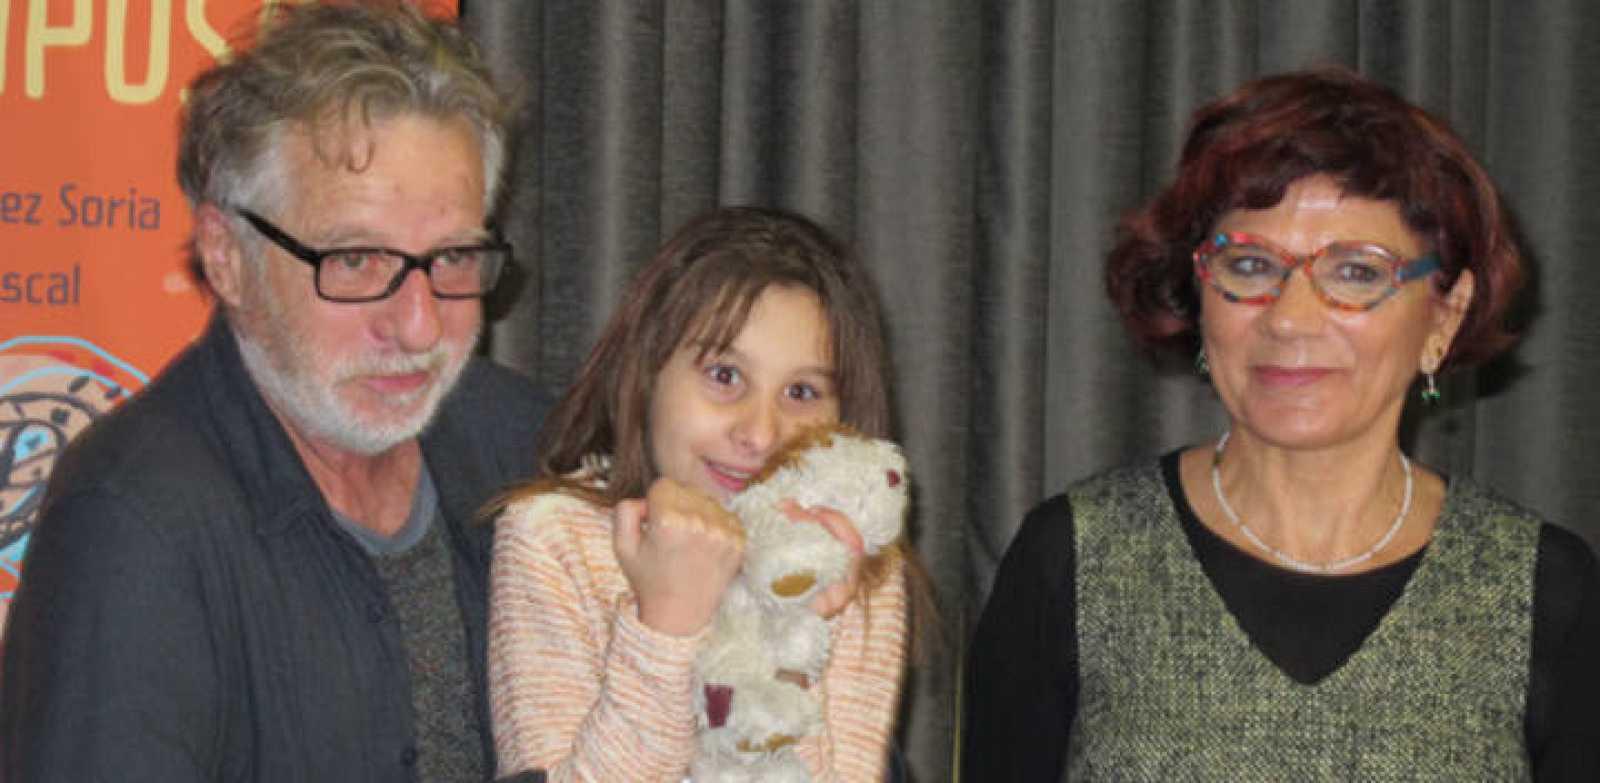 Nadia flanqueada por los autores del cuento que narra su historia, el ilustrador Javier Mariscal y la escritora Marisa López Soria